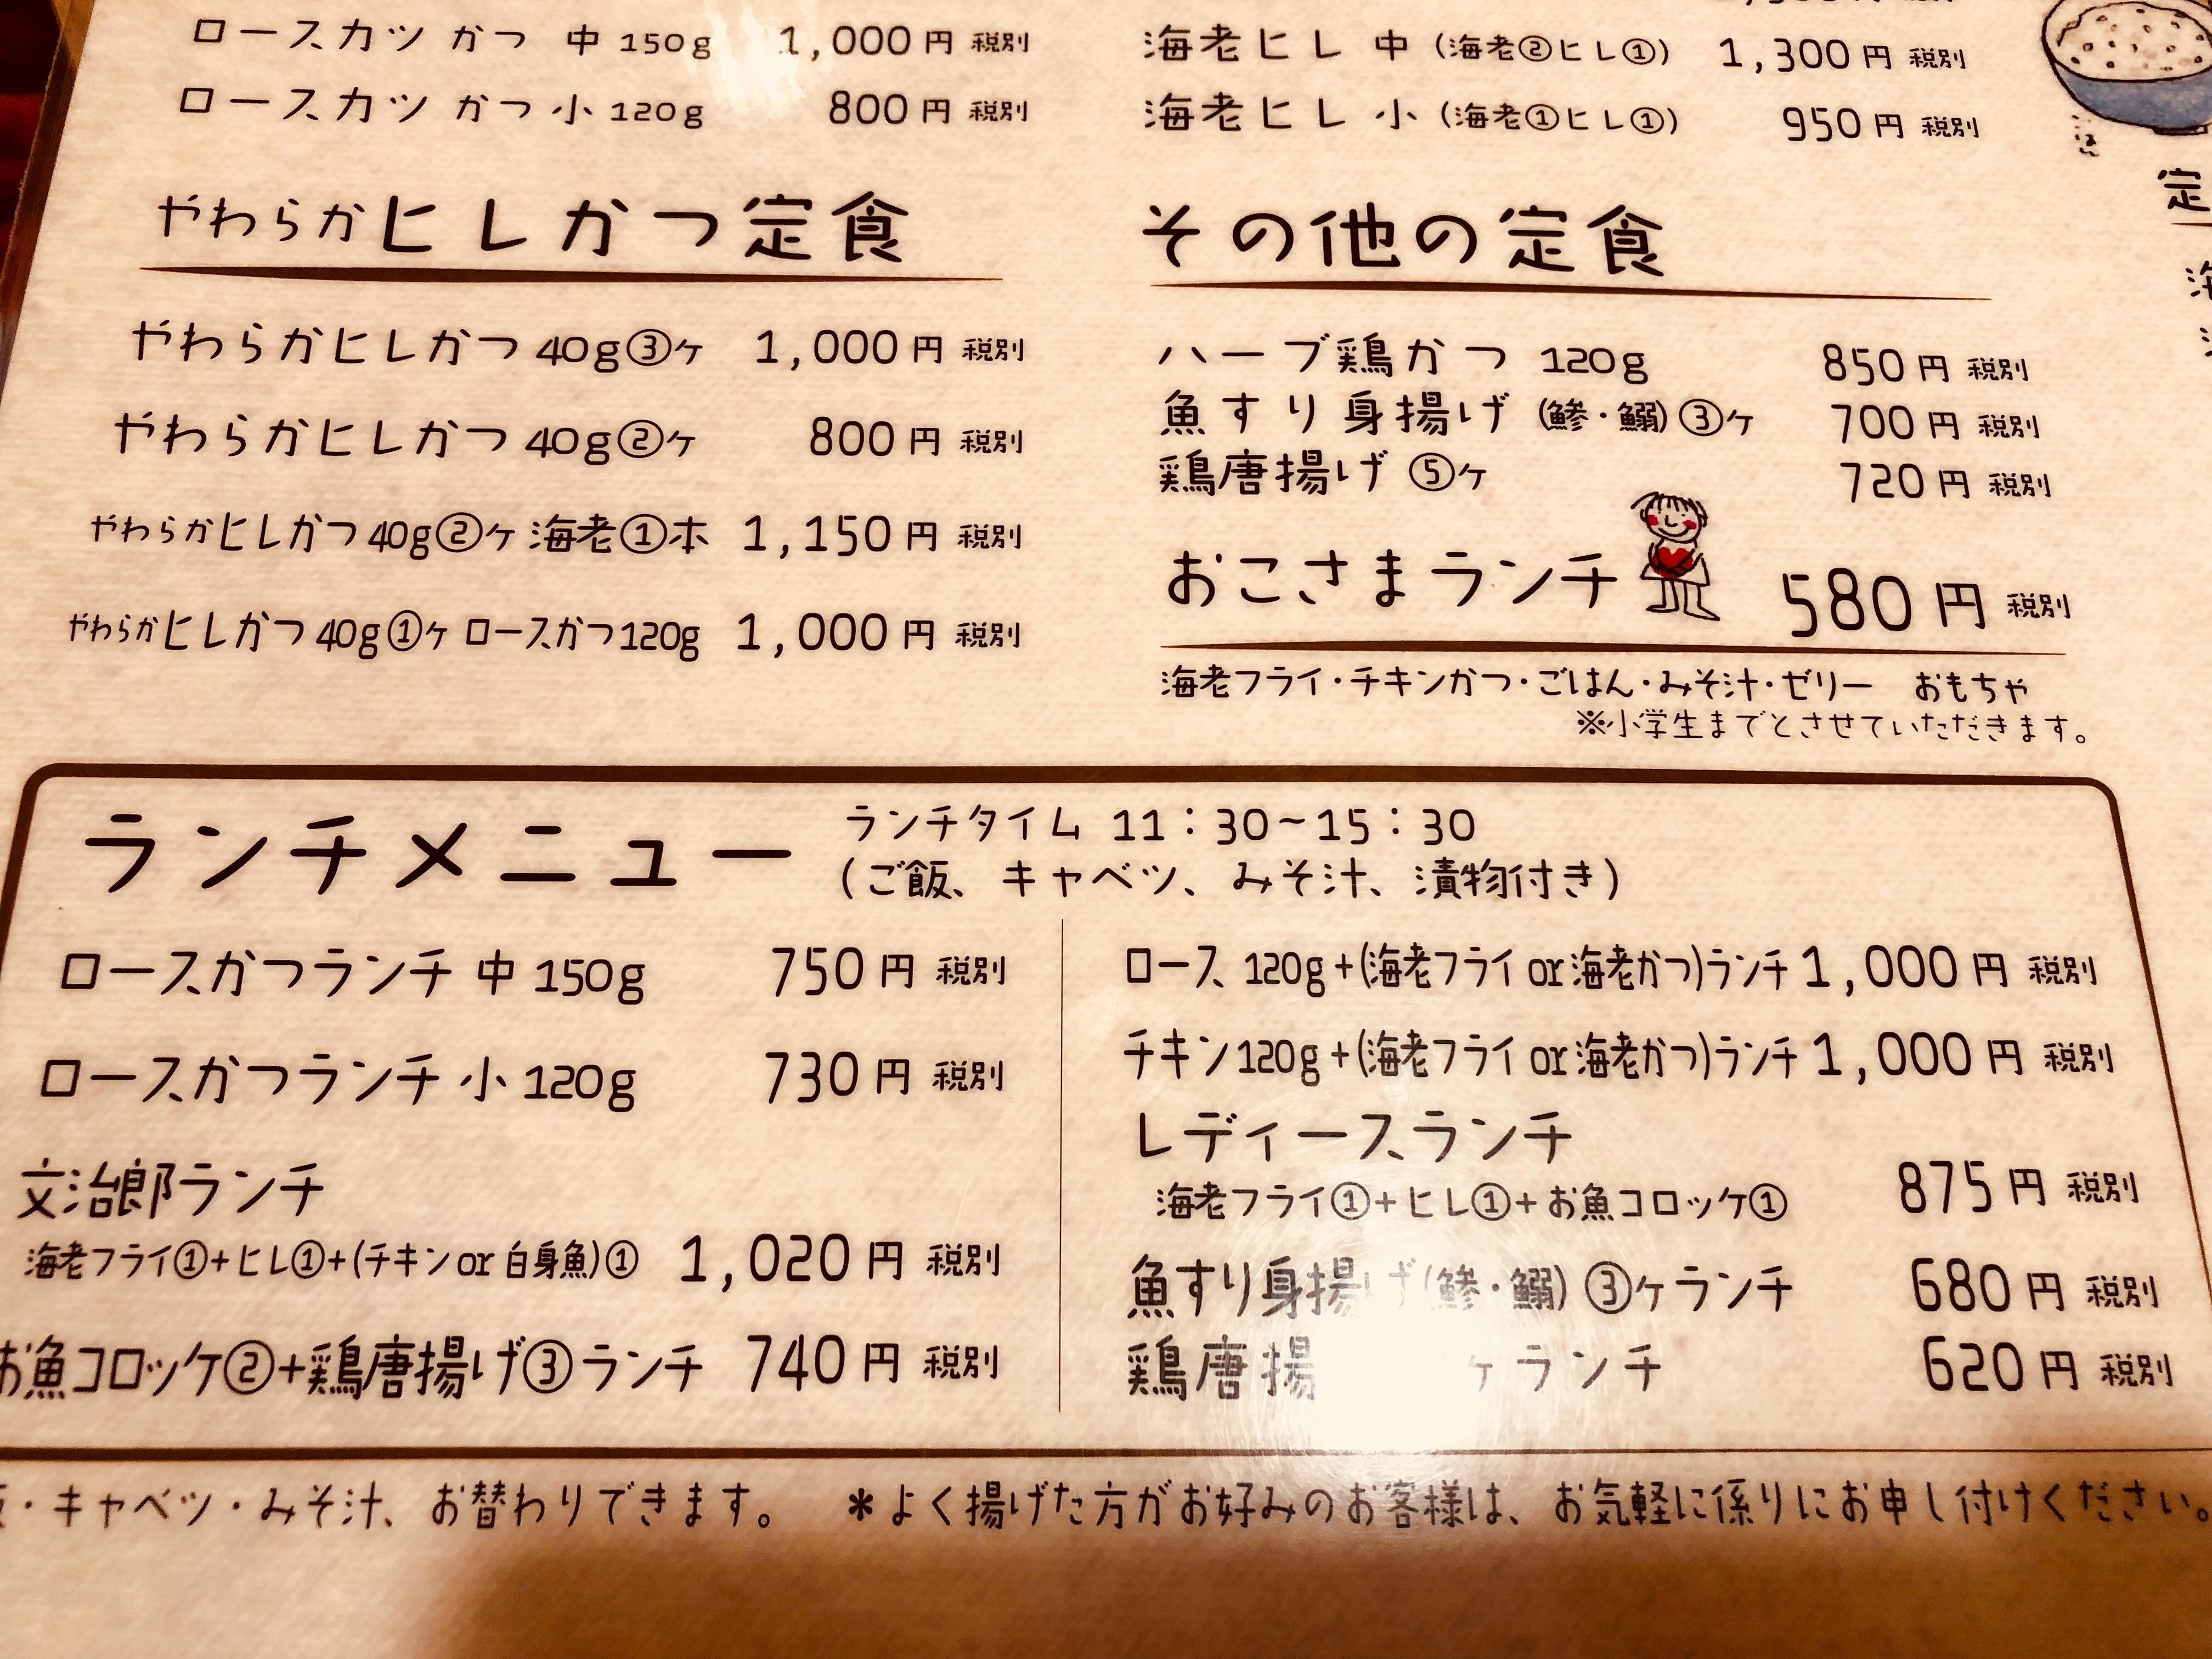 f:id:allergy_nagasakikko:20180408134205j:image